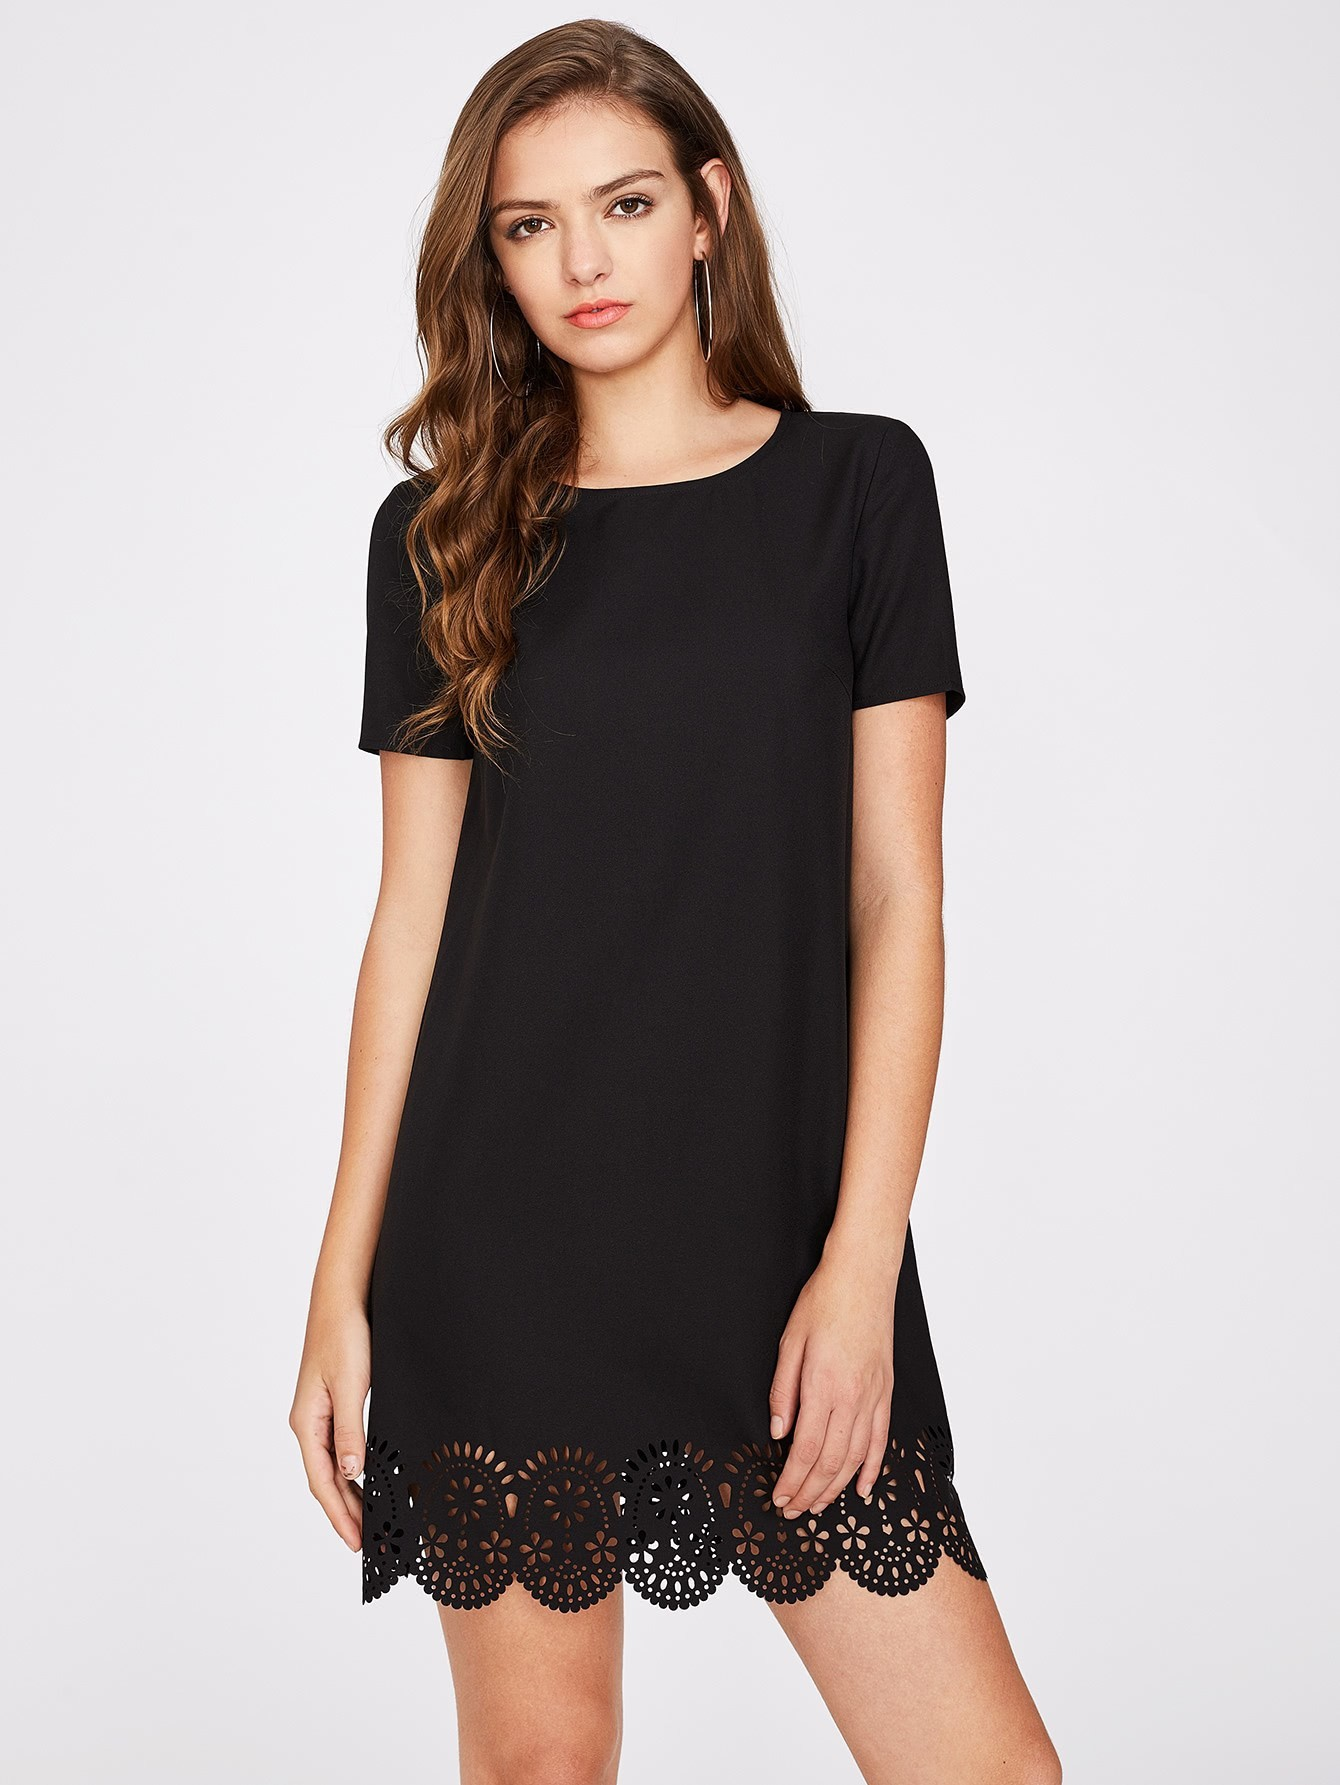 Laser Cut Scallop Hem Textured Dress dress170712707